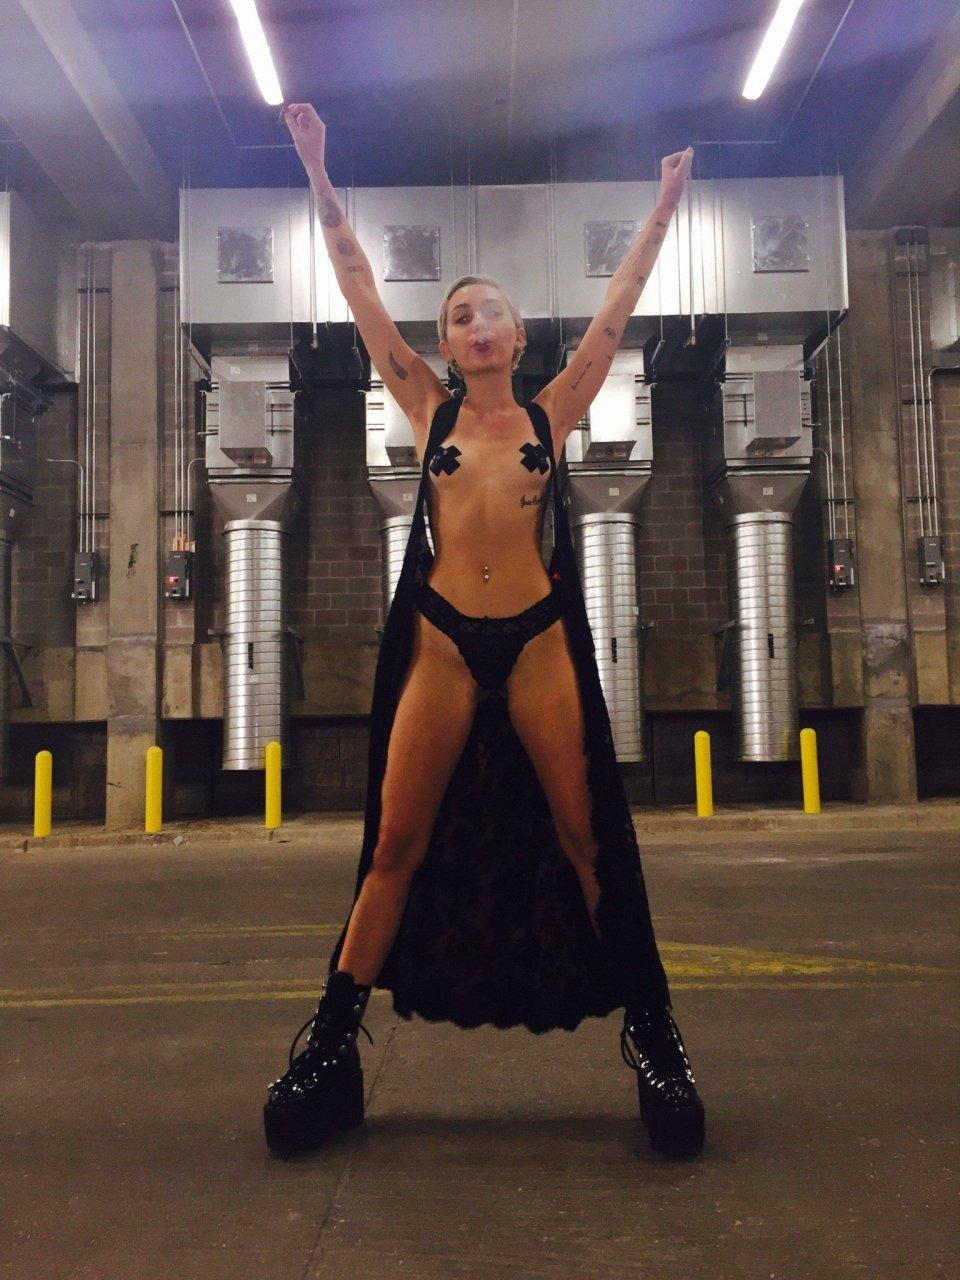 Miley cyrus leaked nudes